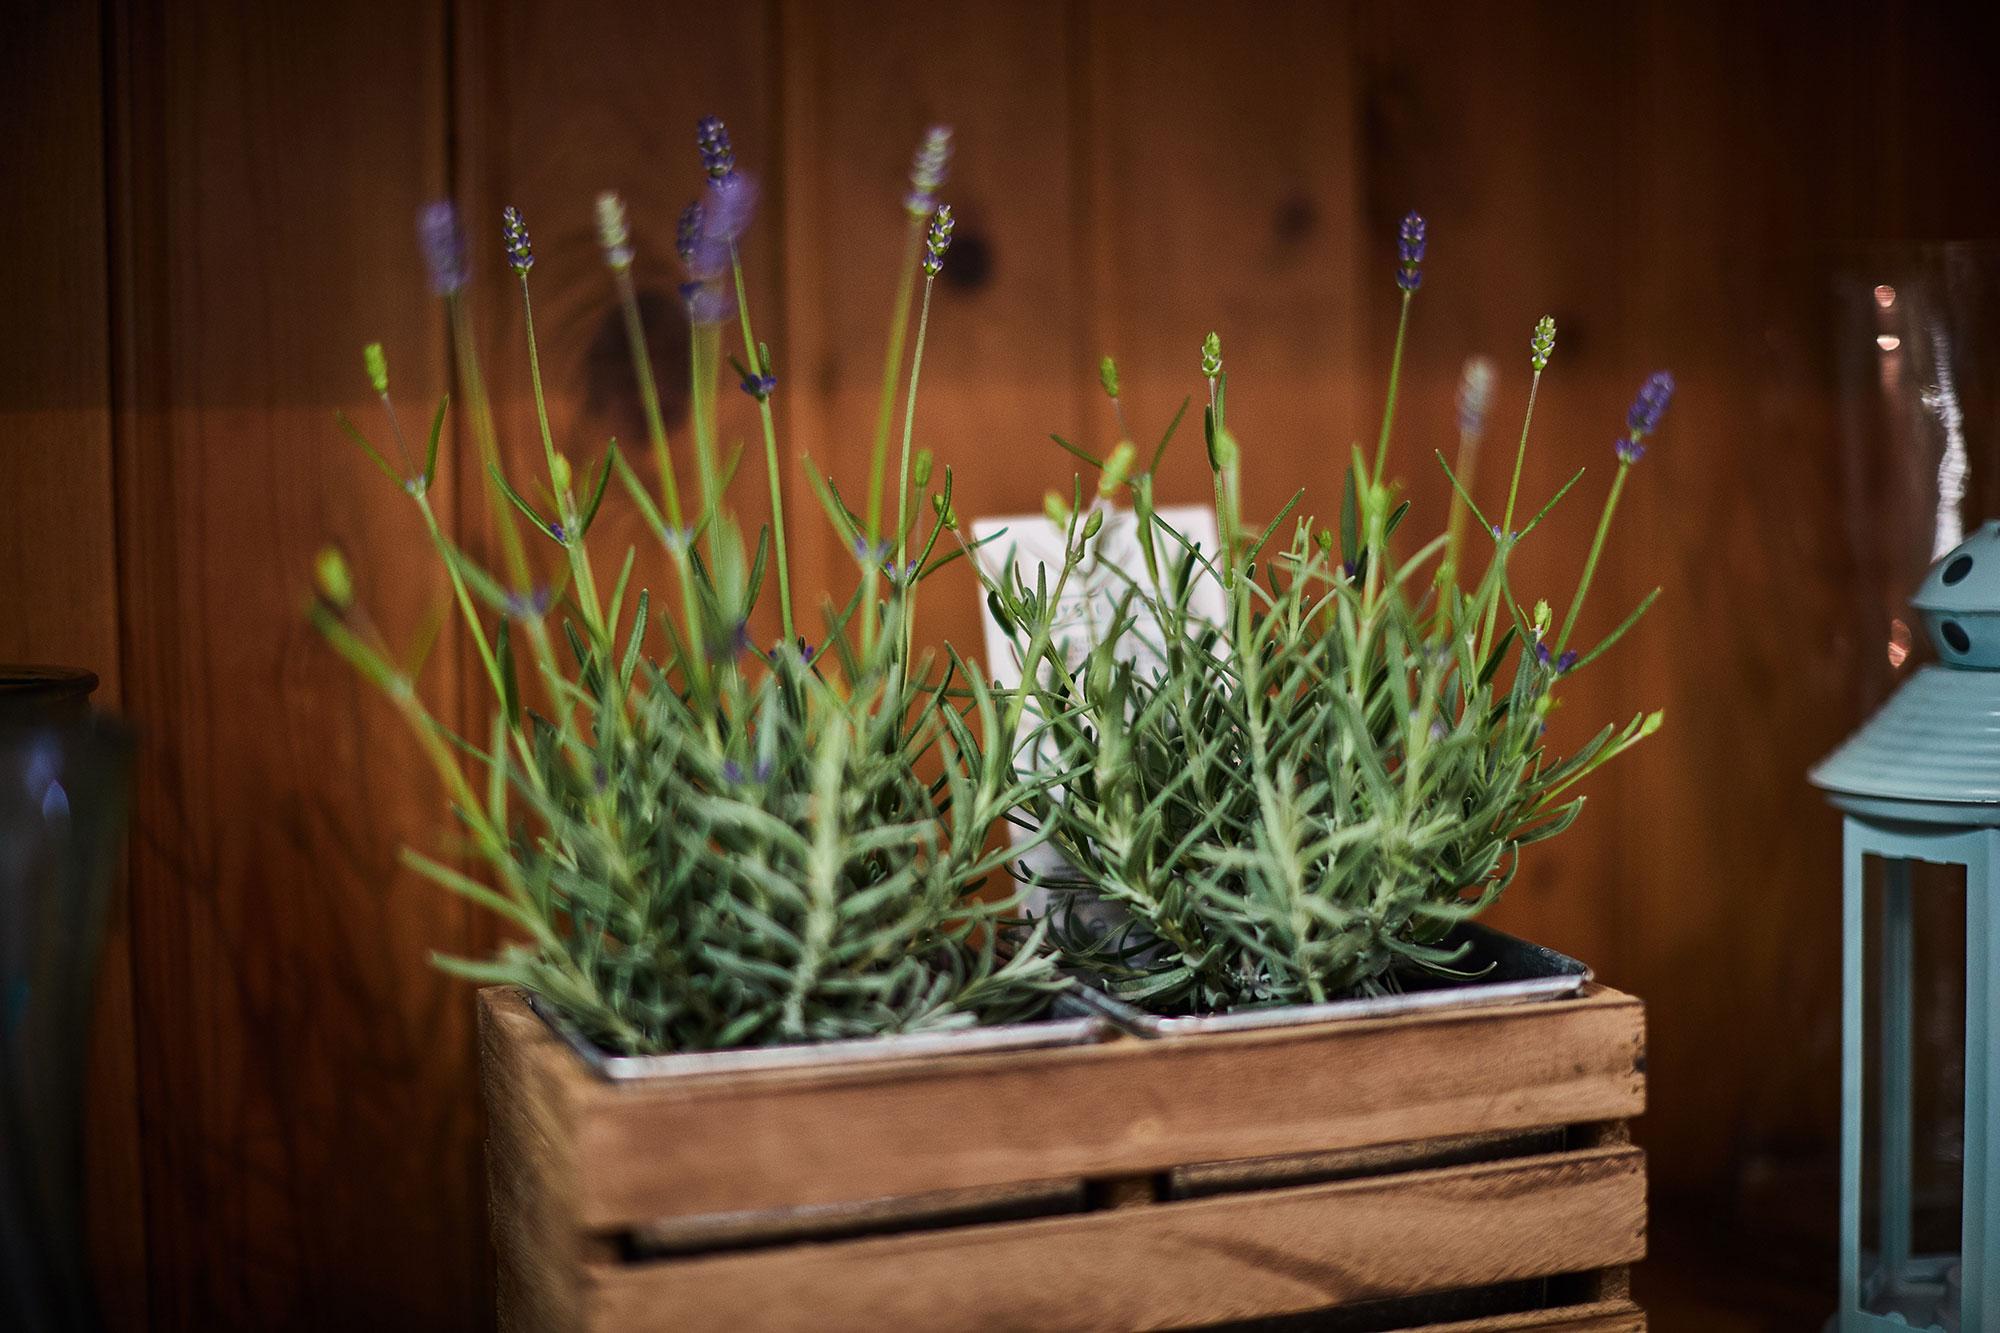 perkins-florist-duston-northampton-1.jpg